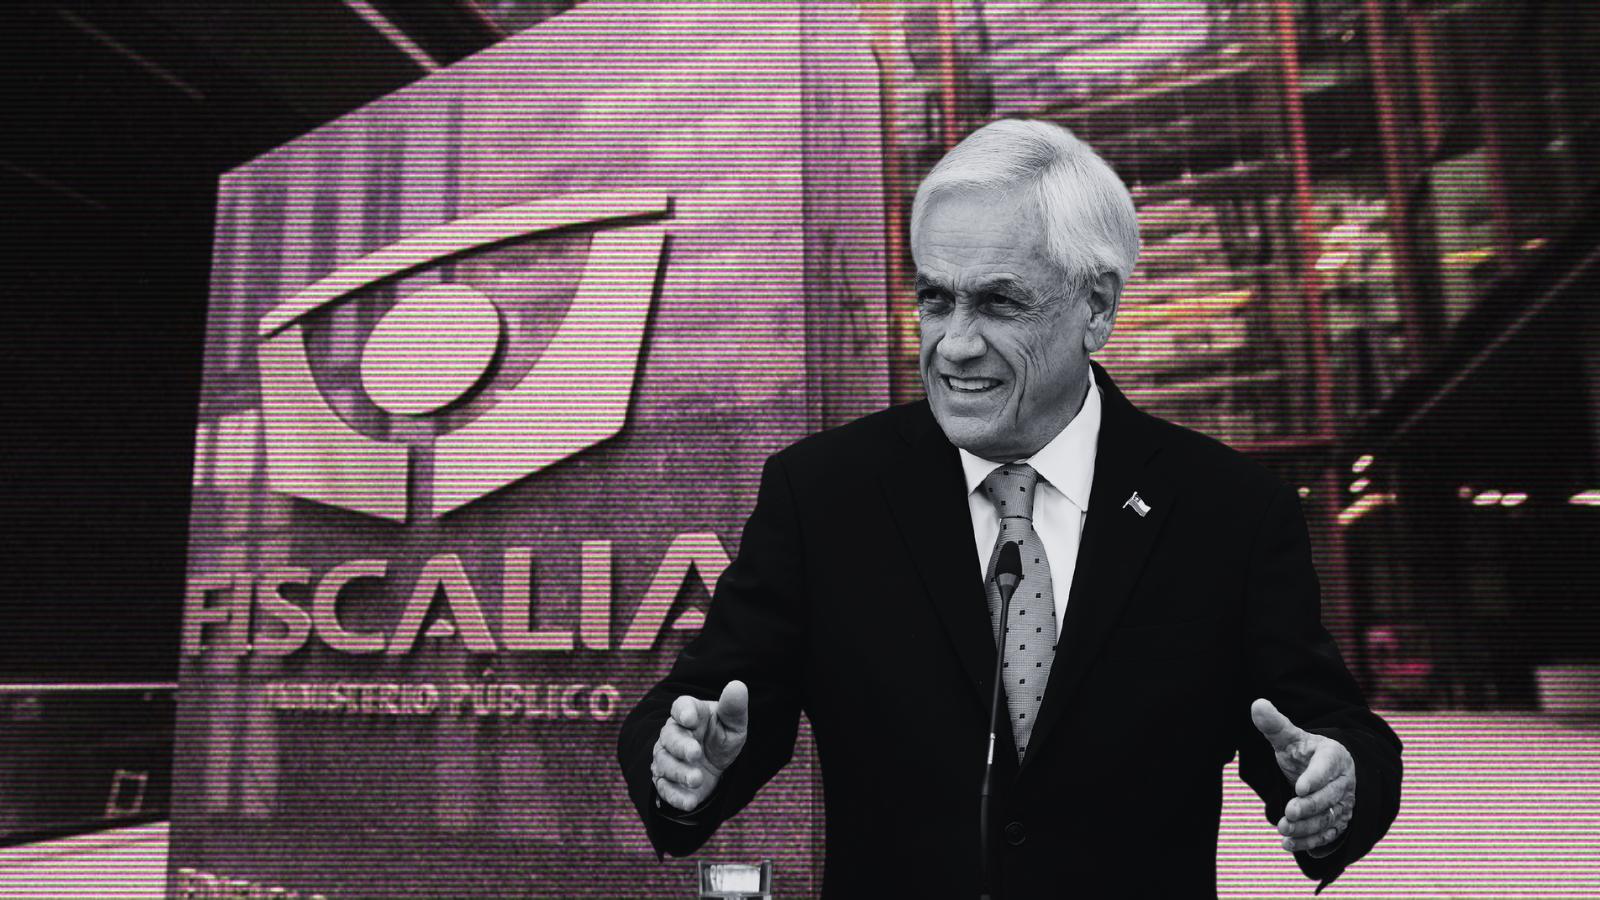 Sobreseimiento de Piñera paso a paso: ni el fiscal ni los querellantes informaron a los jueces sobre la controversial cláusula